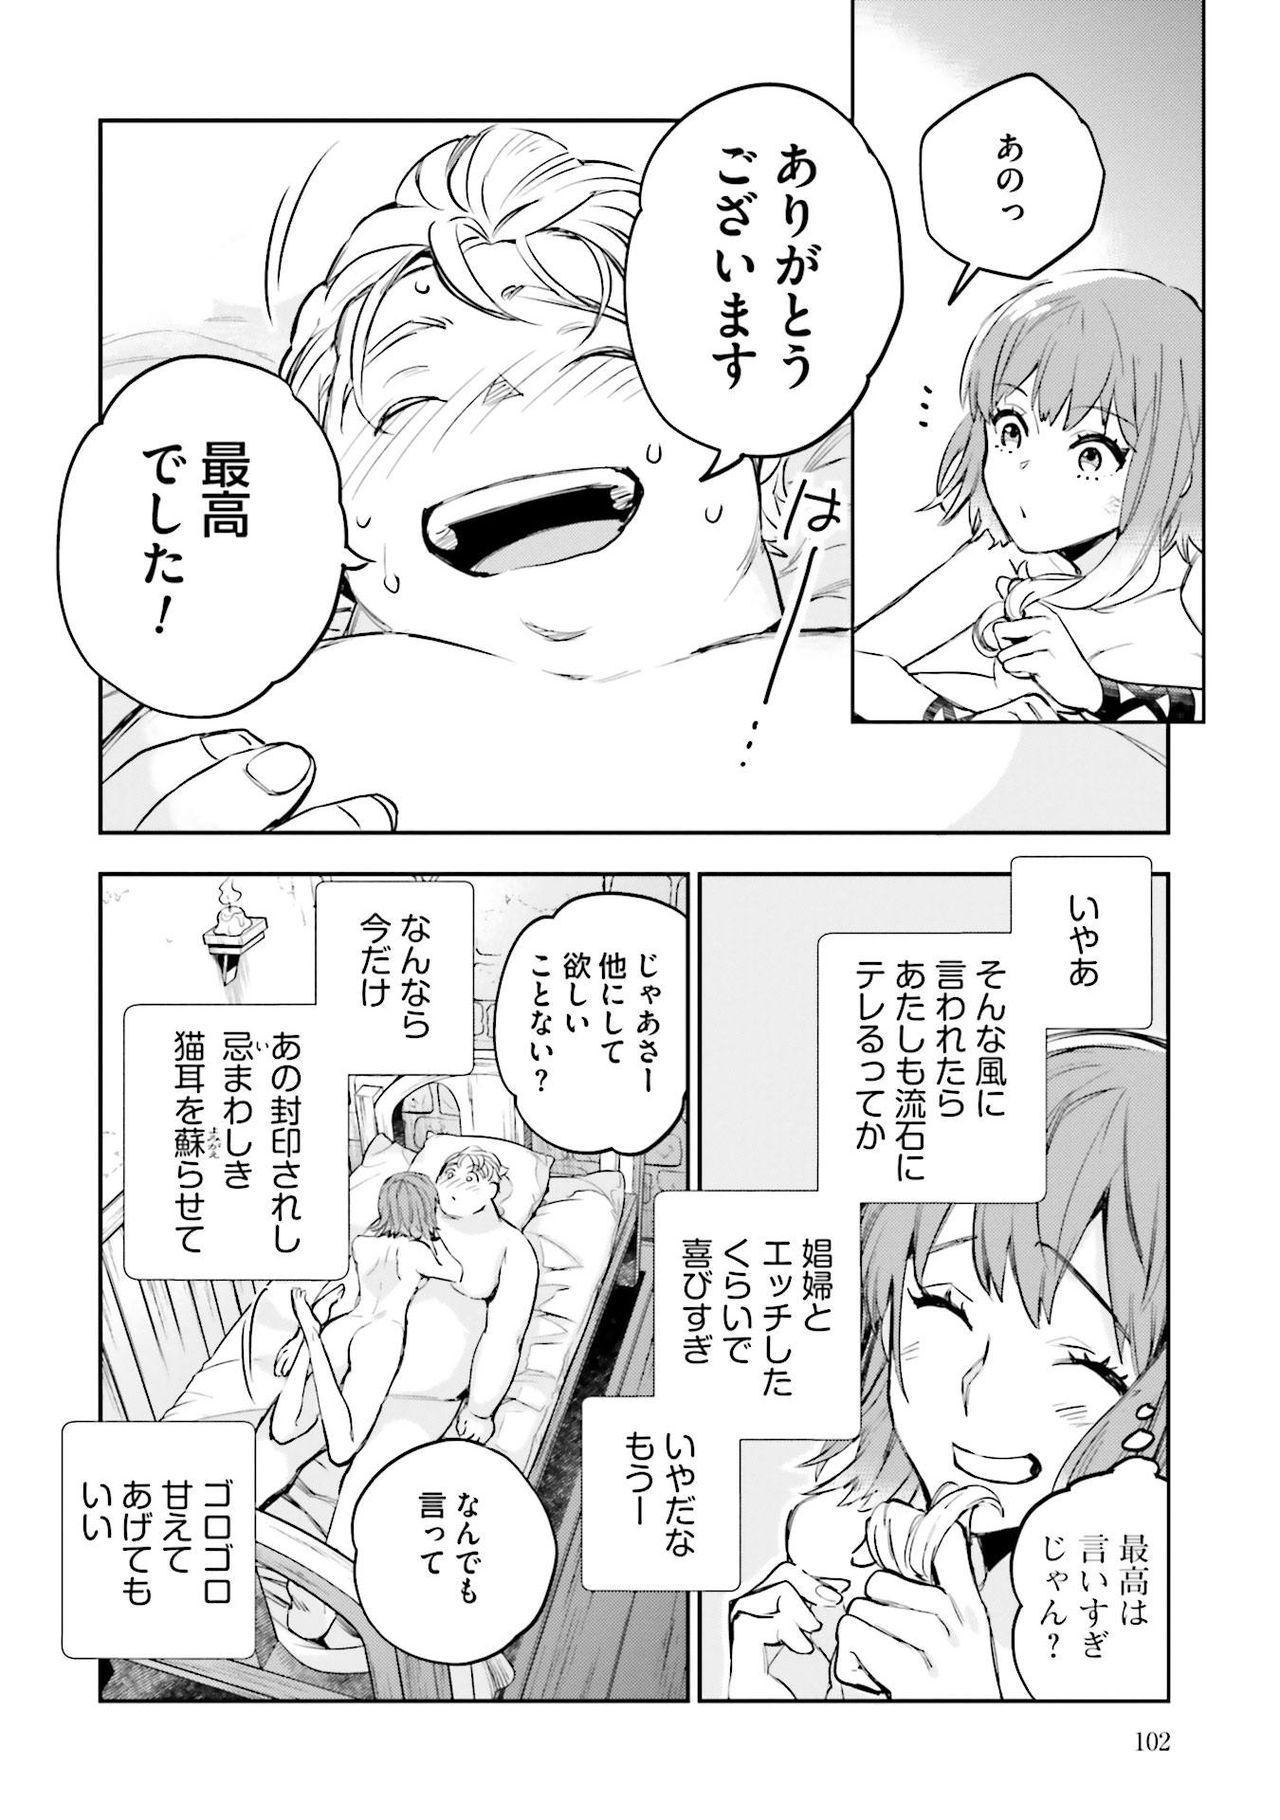 JK Haru wa Isekai de Shoufu ni Natta 1-14 290